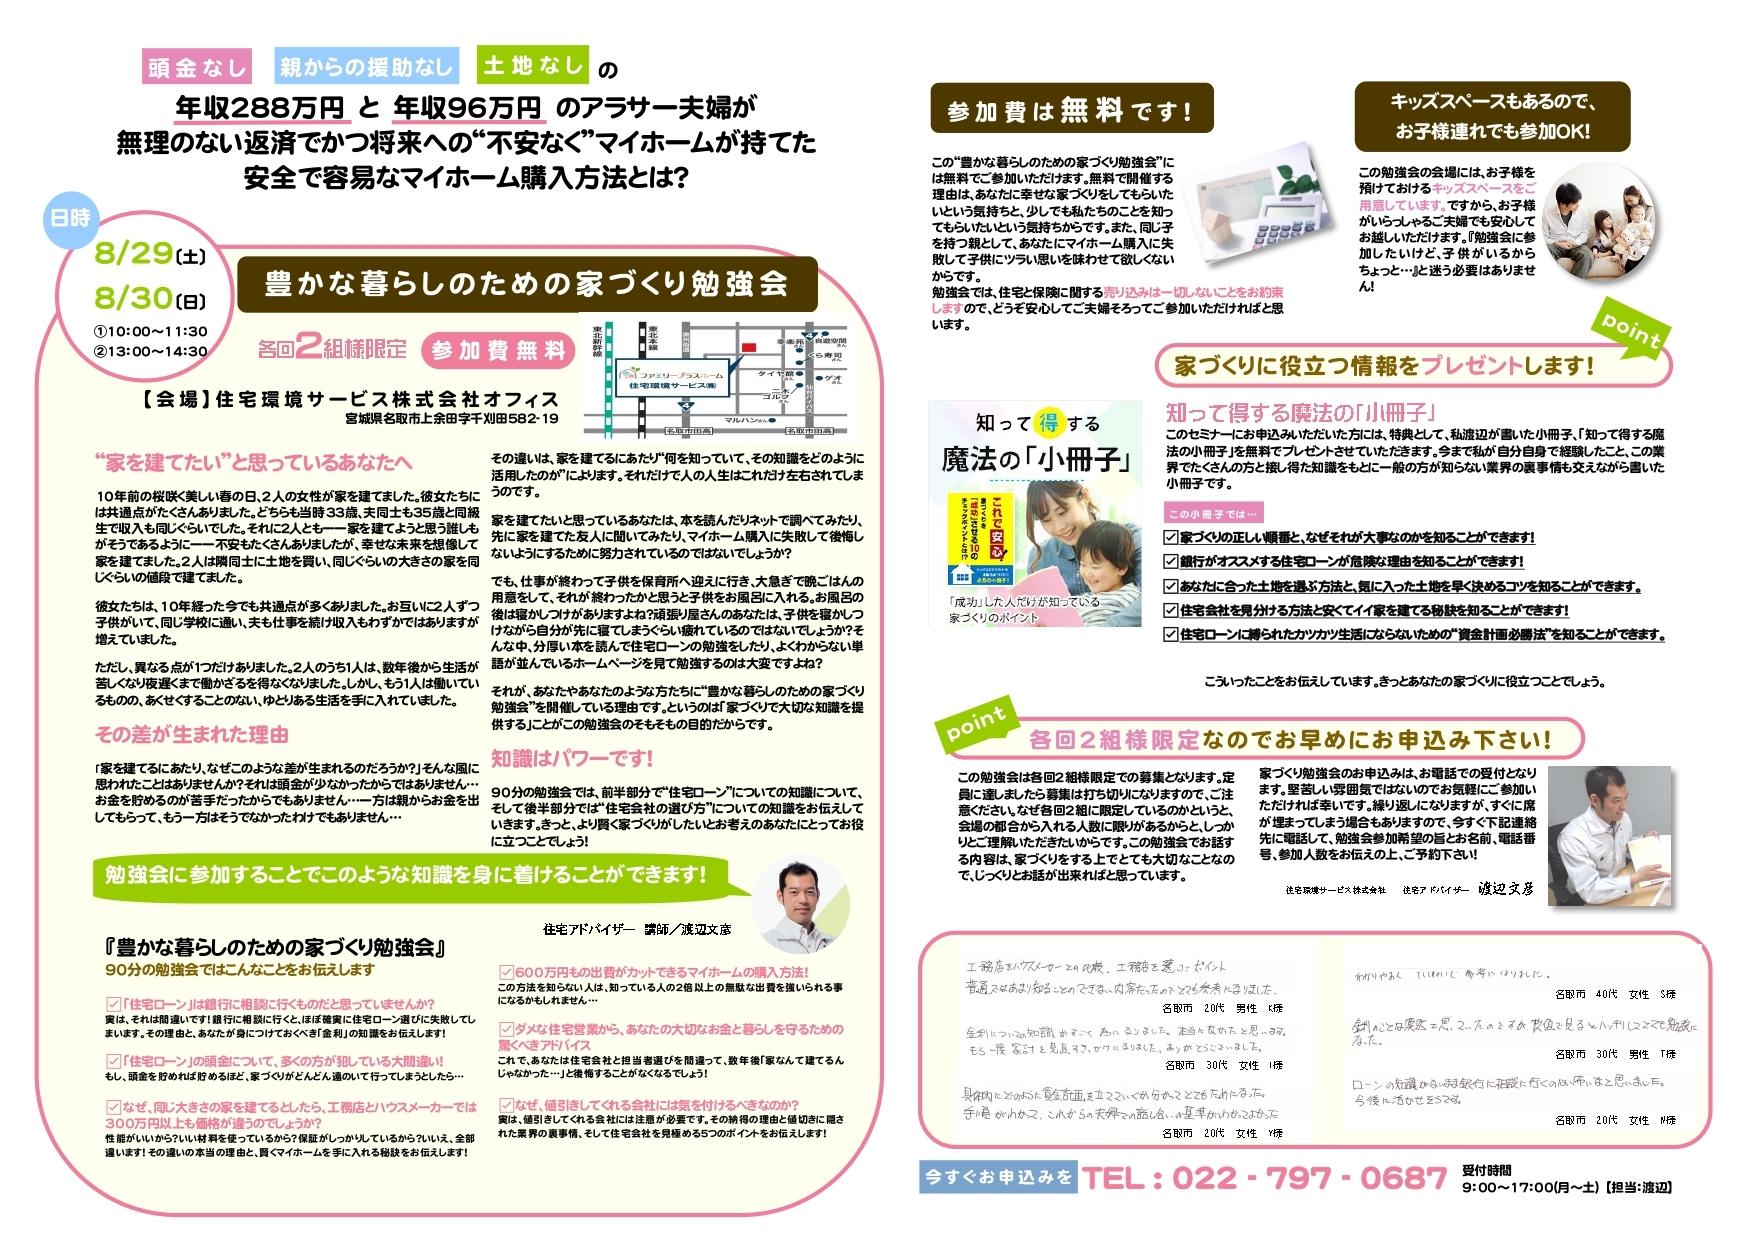 【裏面】家づくり勉強会チラシ0731更新_page-0001.jpg